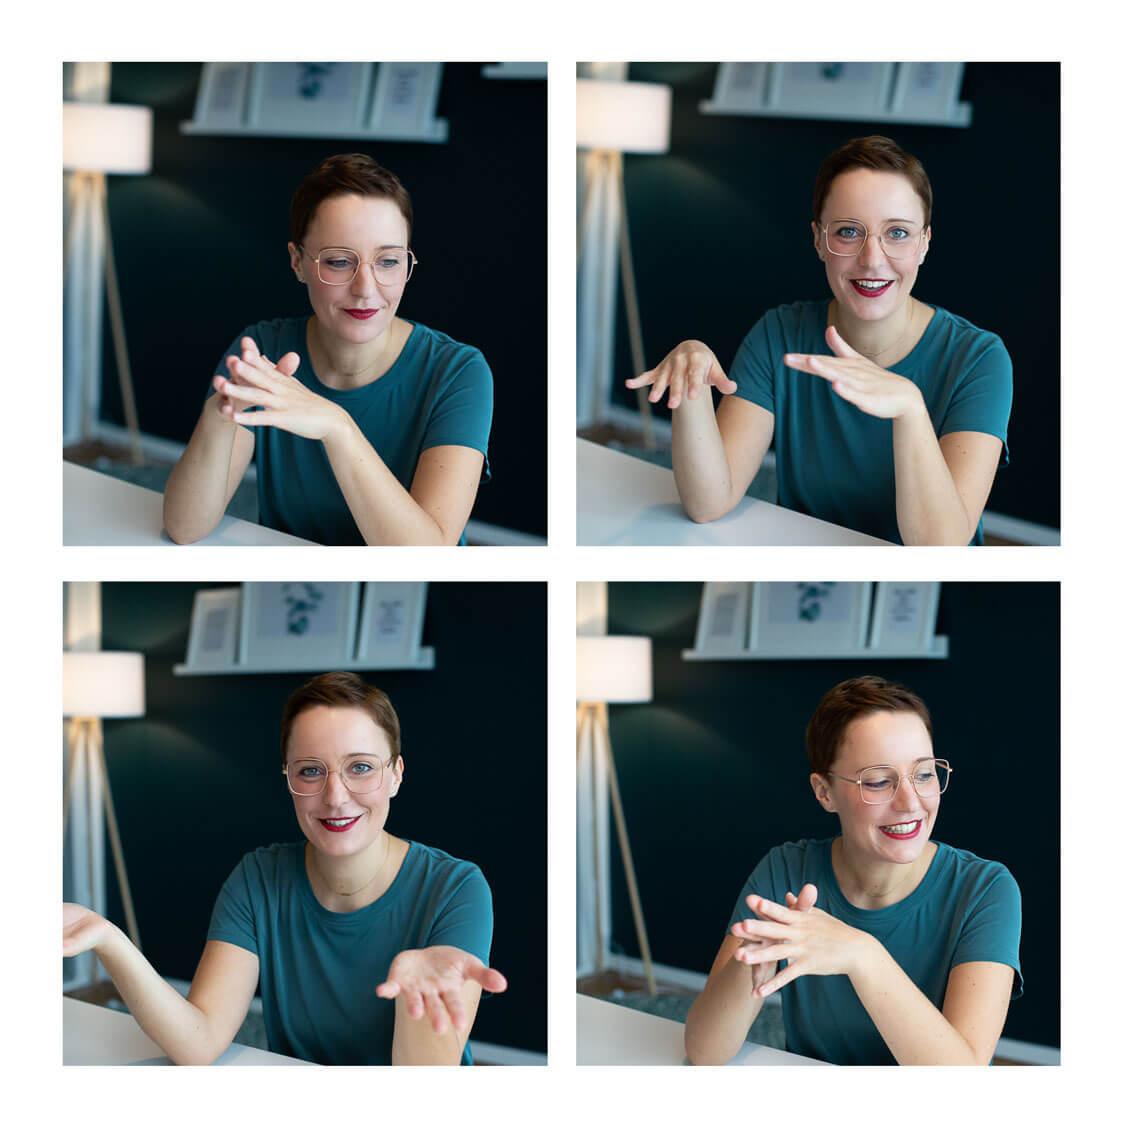 SusanneBeimann-Fotografin-04-1